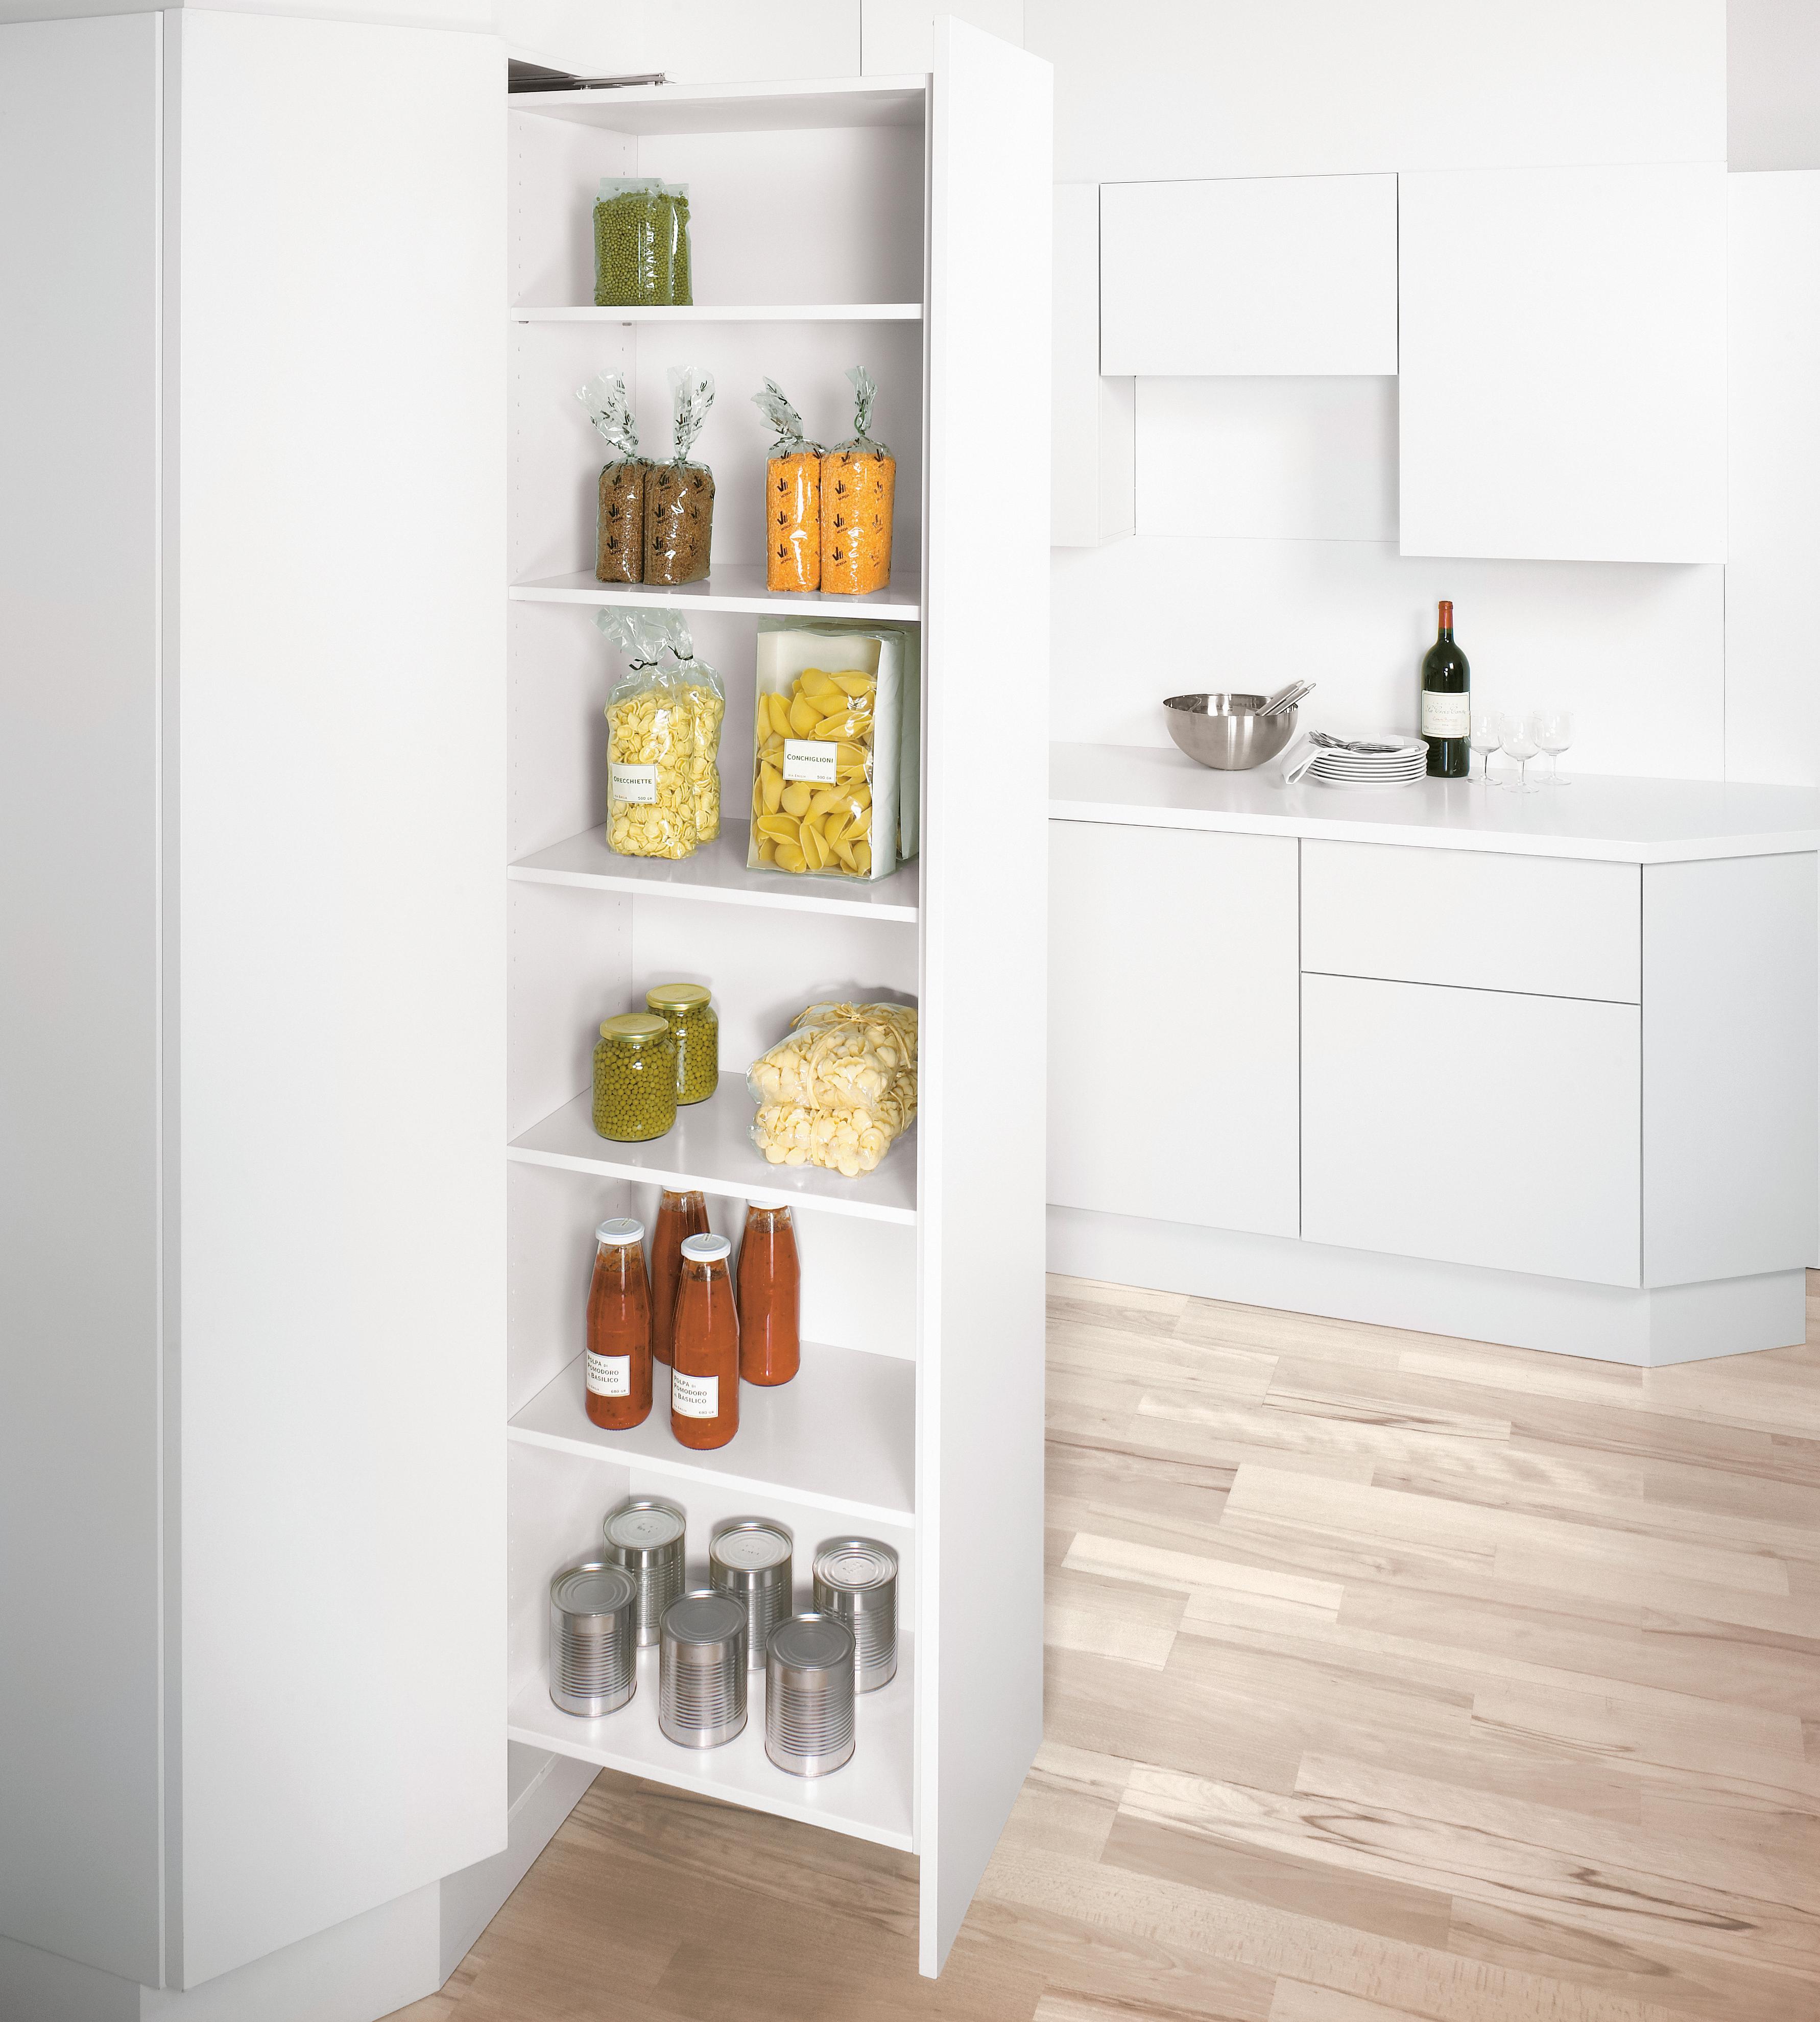 8 советов как расставить мебель на кухне | строительный блог вити петрова